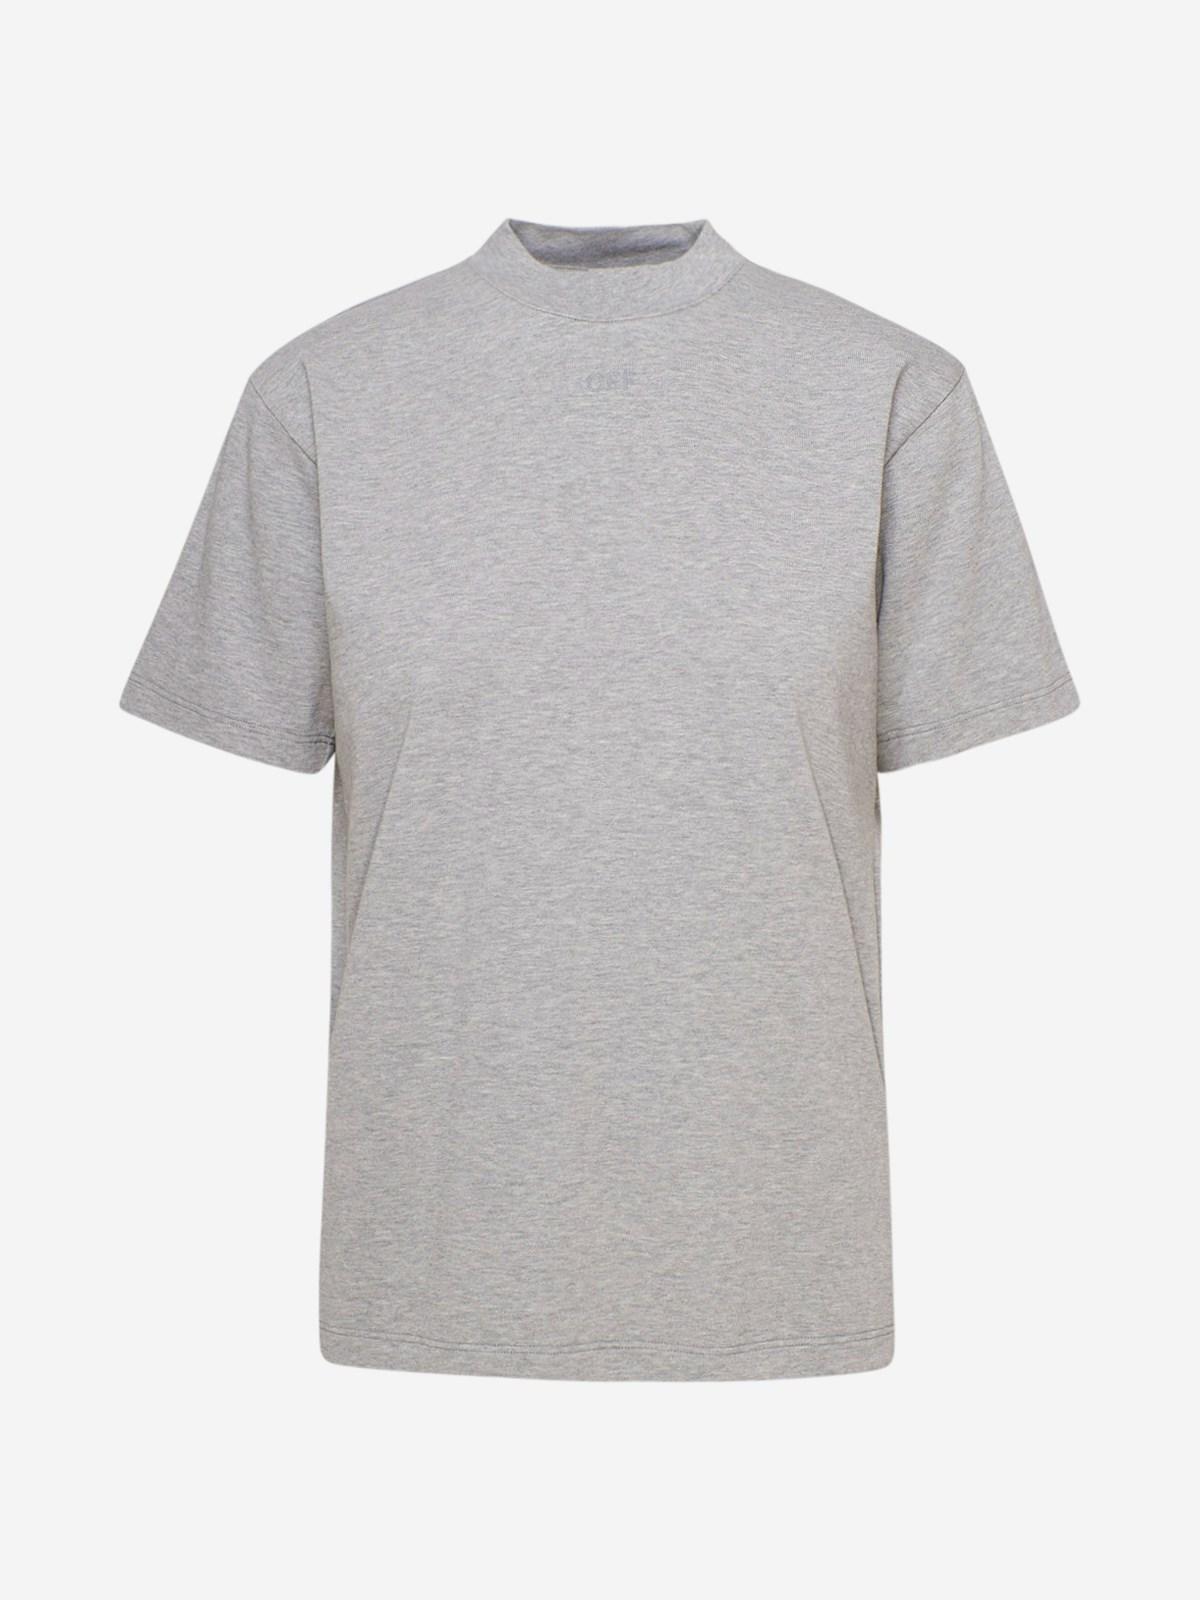 Off-White T-SHIRT ARROW CASUAL GRIGIA